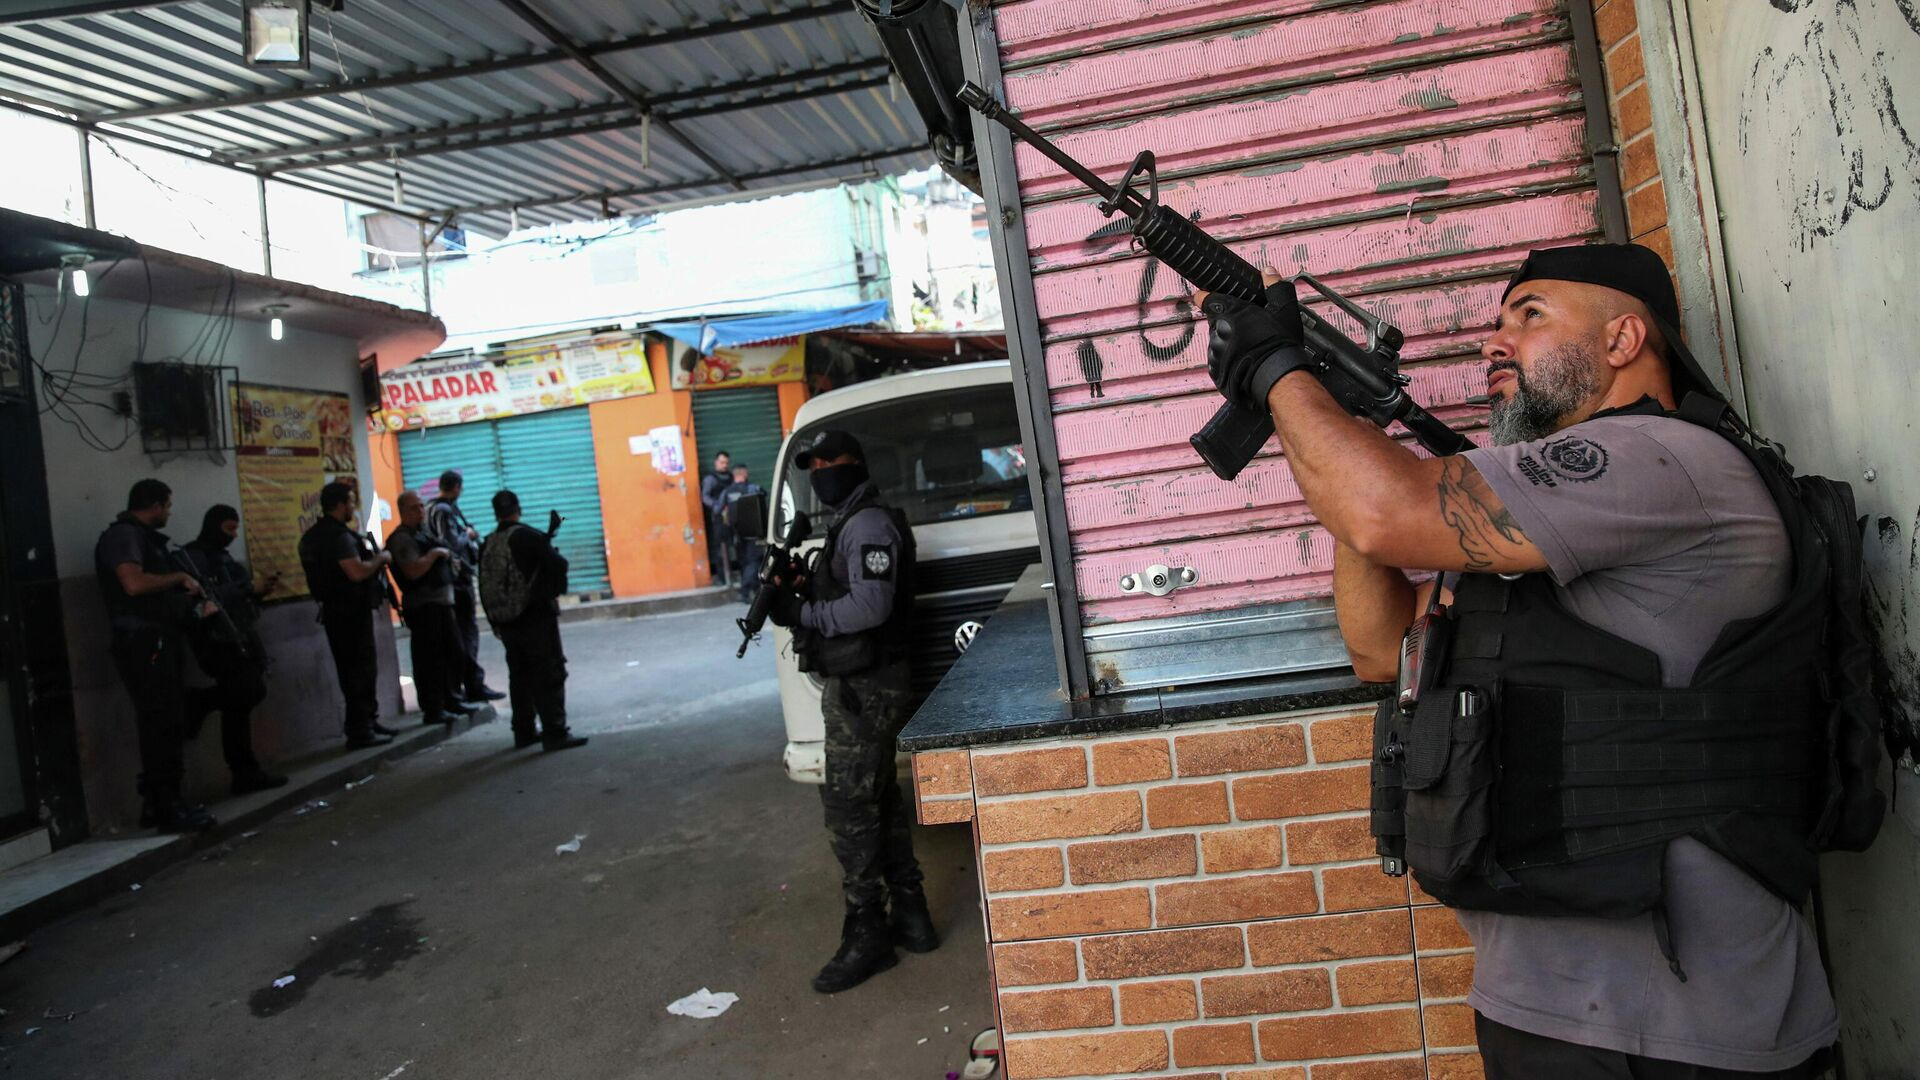 Полицейская операция по борьбе с незаконным оборотом наркотиков в районе Жакарезинью в Рио-де-Жанейро, Бразилия - РИА Новости, 1920, 06.05.2021